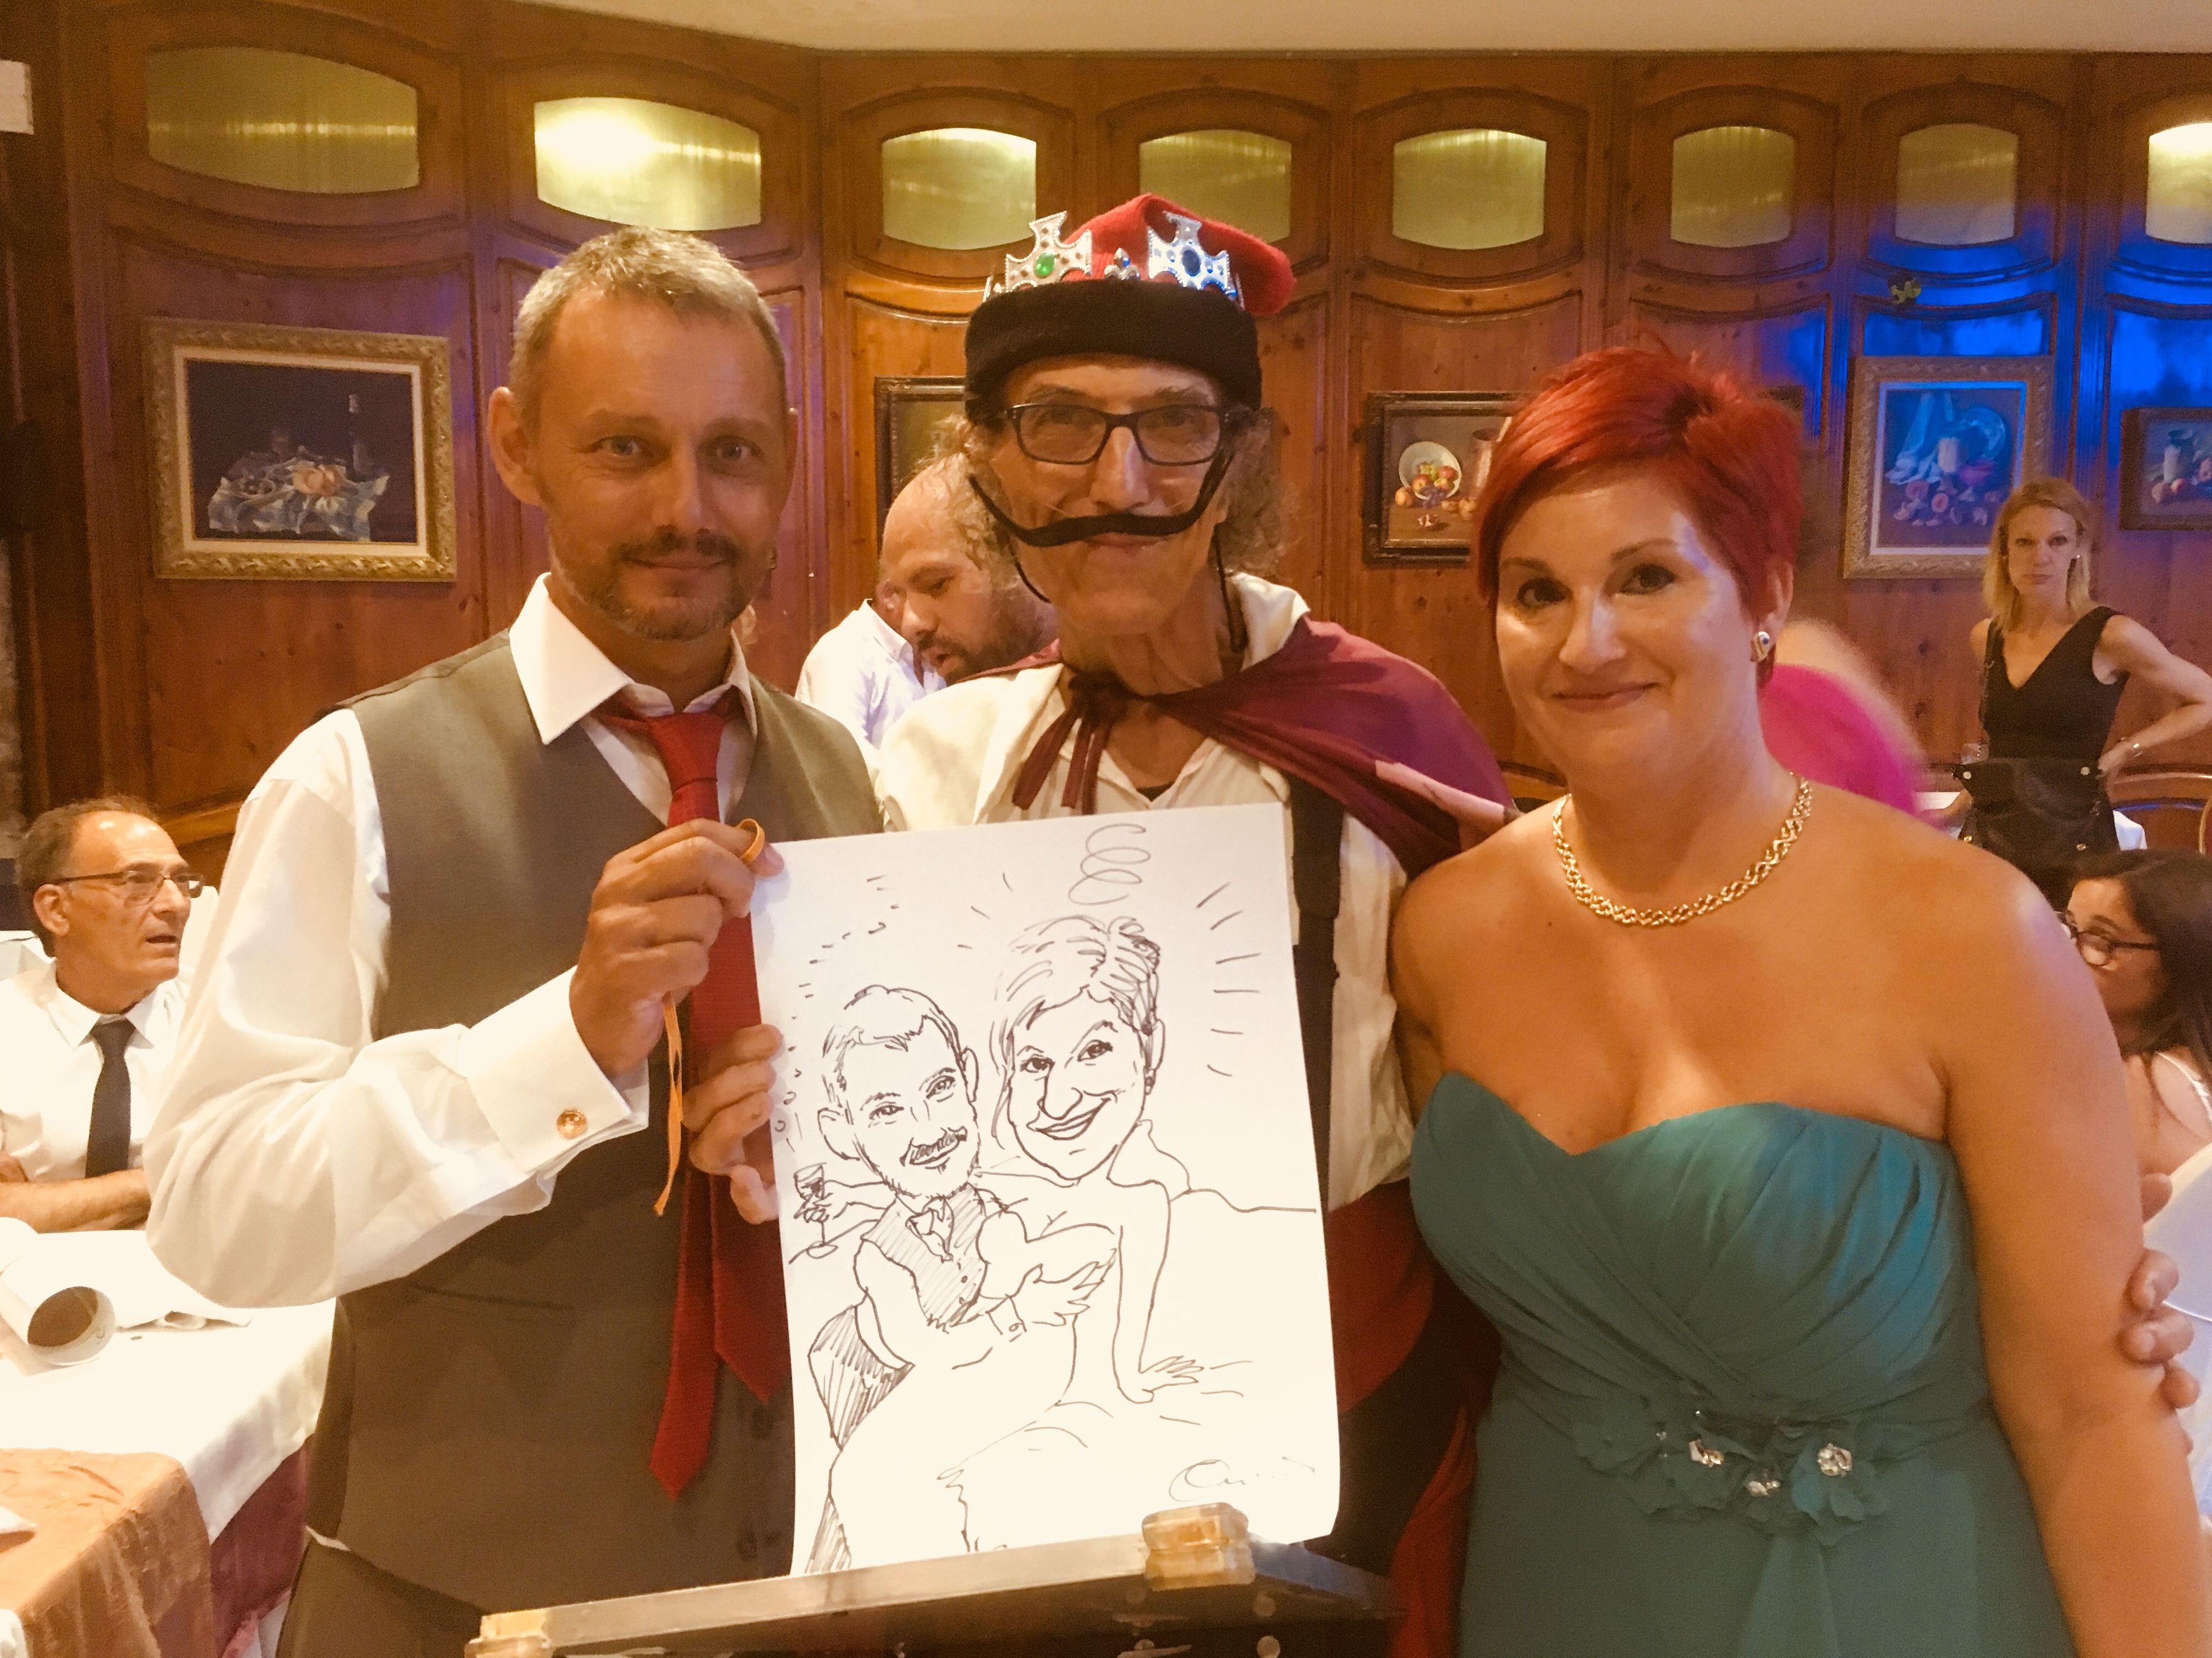 Con su dibujo picarón en una boda con Dalí Rey